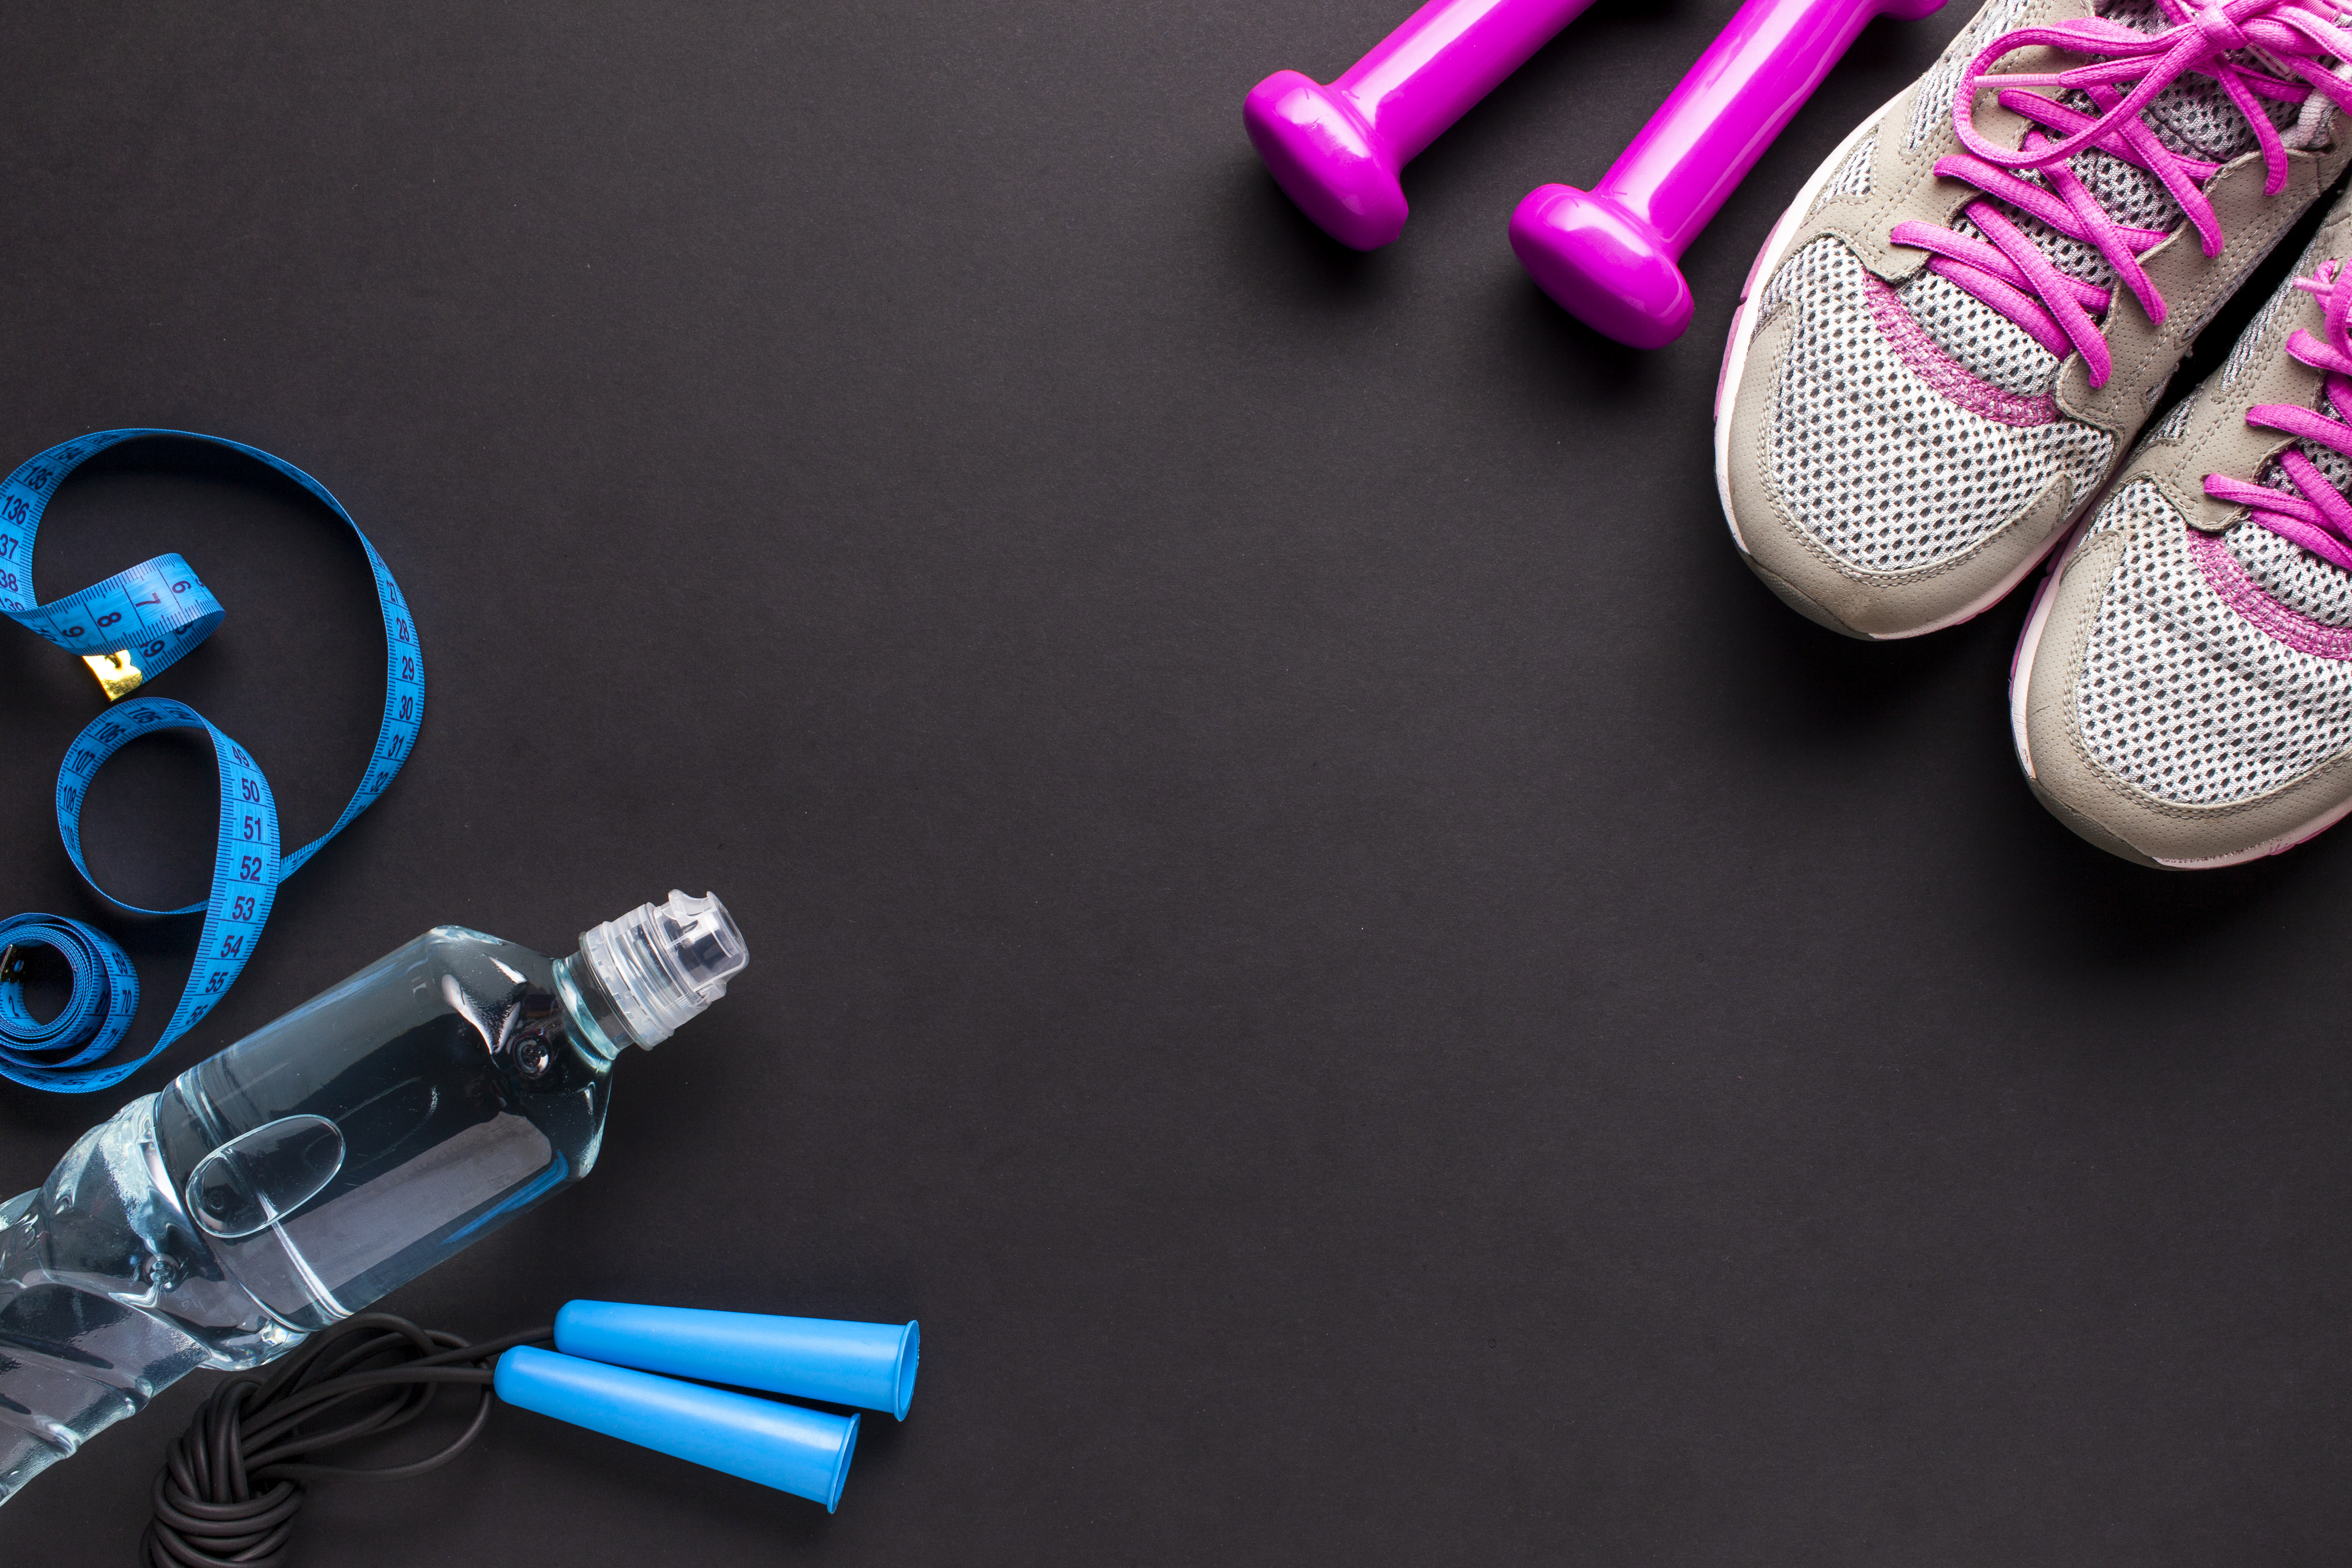 Exercícios em casa: Veja dicas de como manter as atividades físicas durante a quarentena